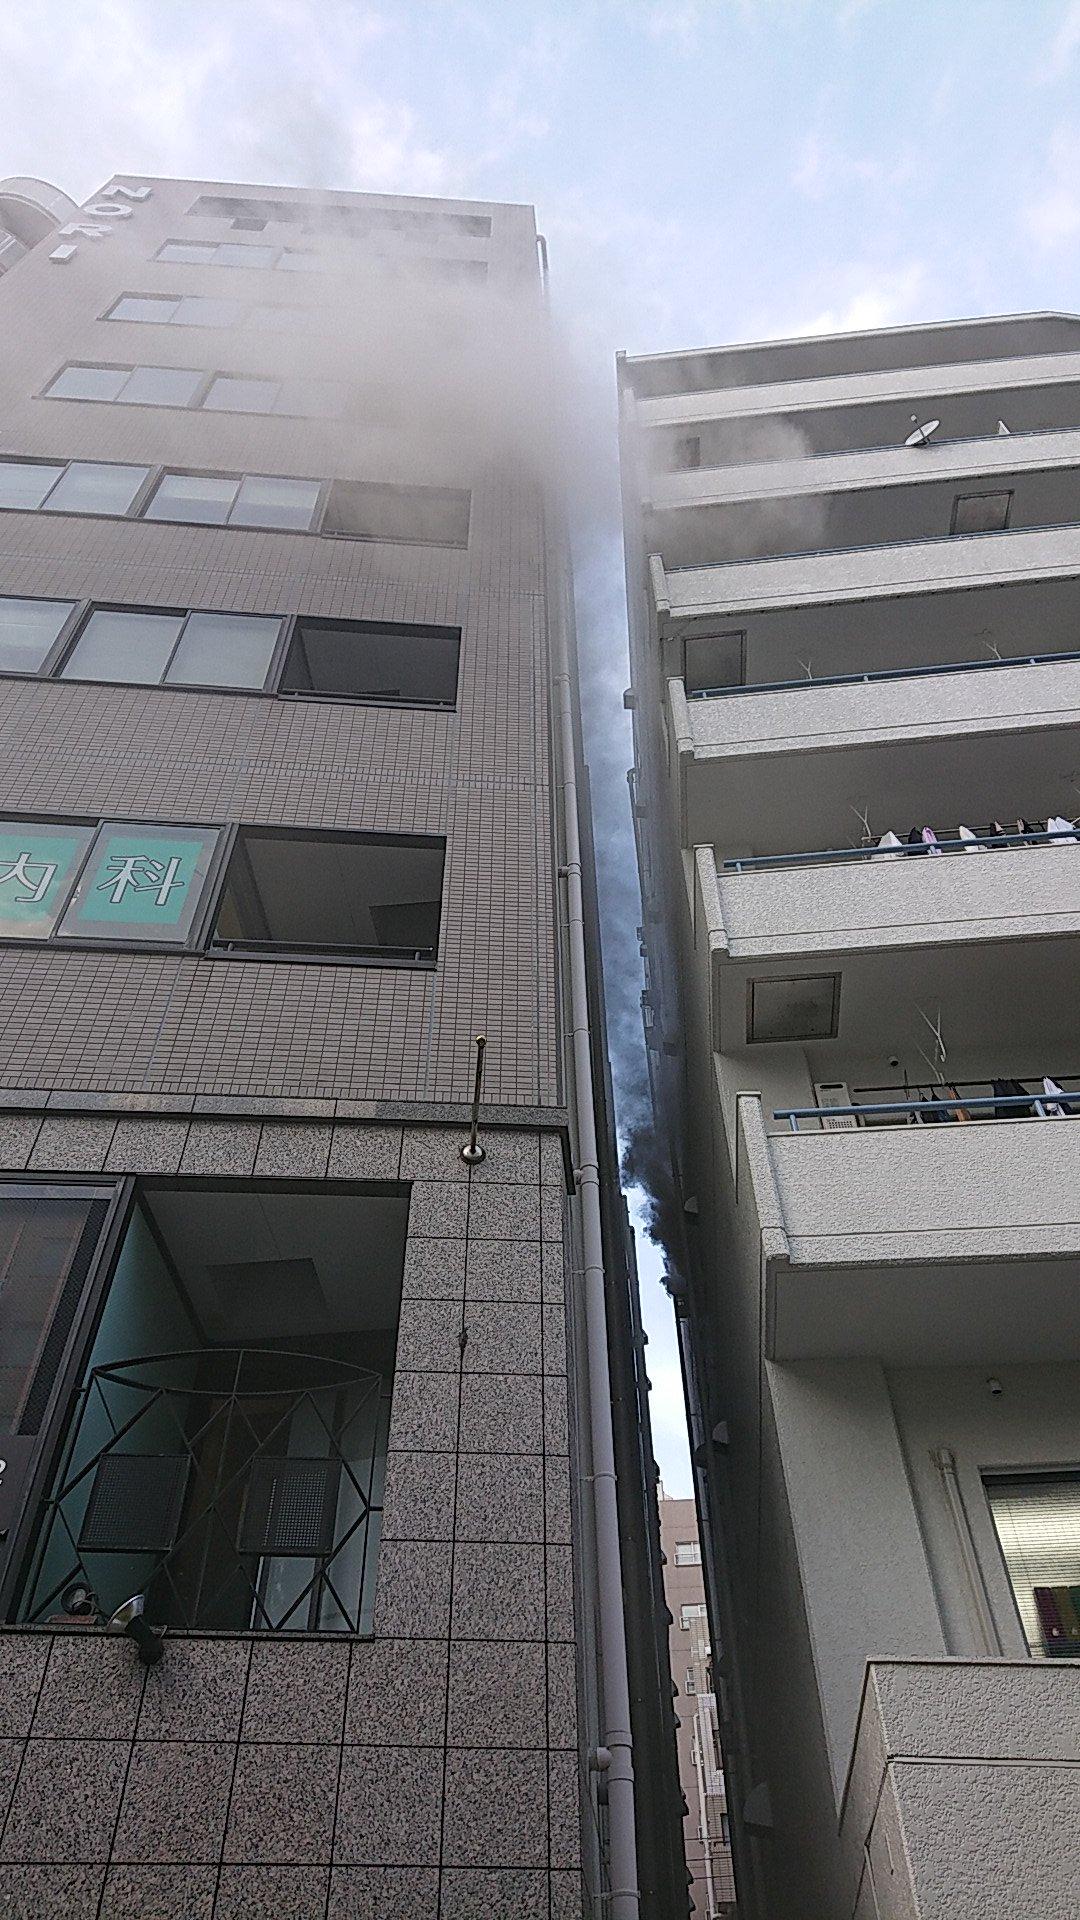 品川区南大井のアパートで火事が起きた現場の画像